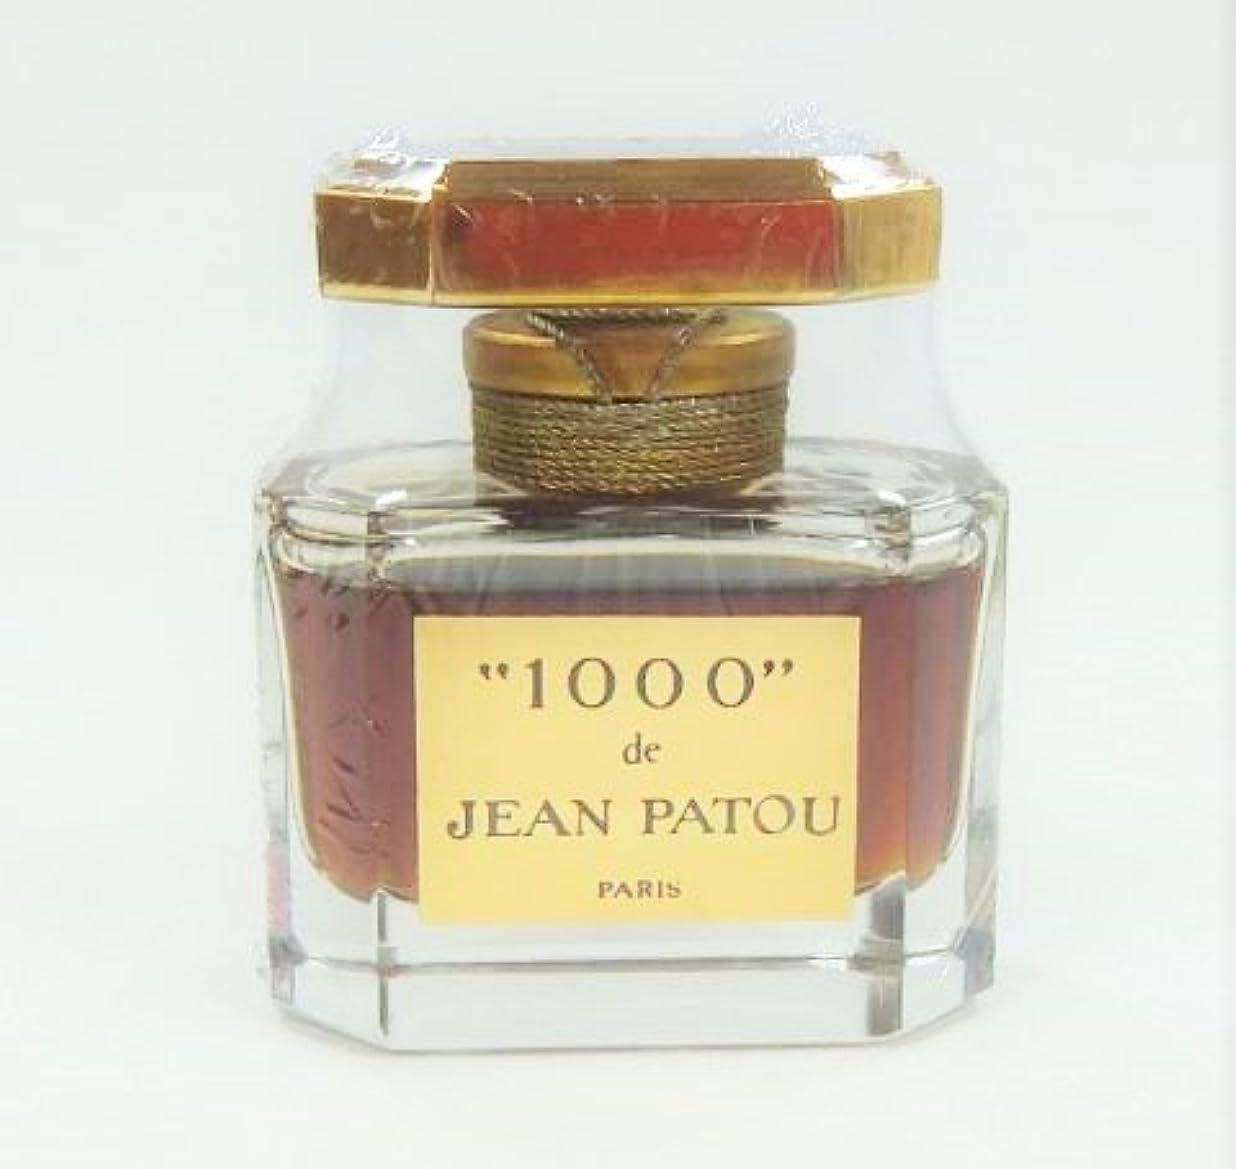 タンパク質横たわる負荷【箱?ケース無し】 JEAN PATOU ジャンパトゥ ミル 1000 Parfum 15ml (並行輸入)